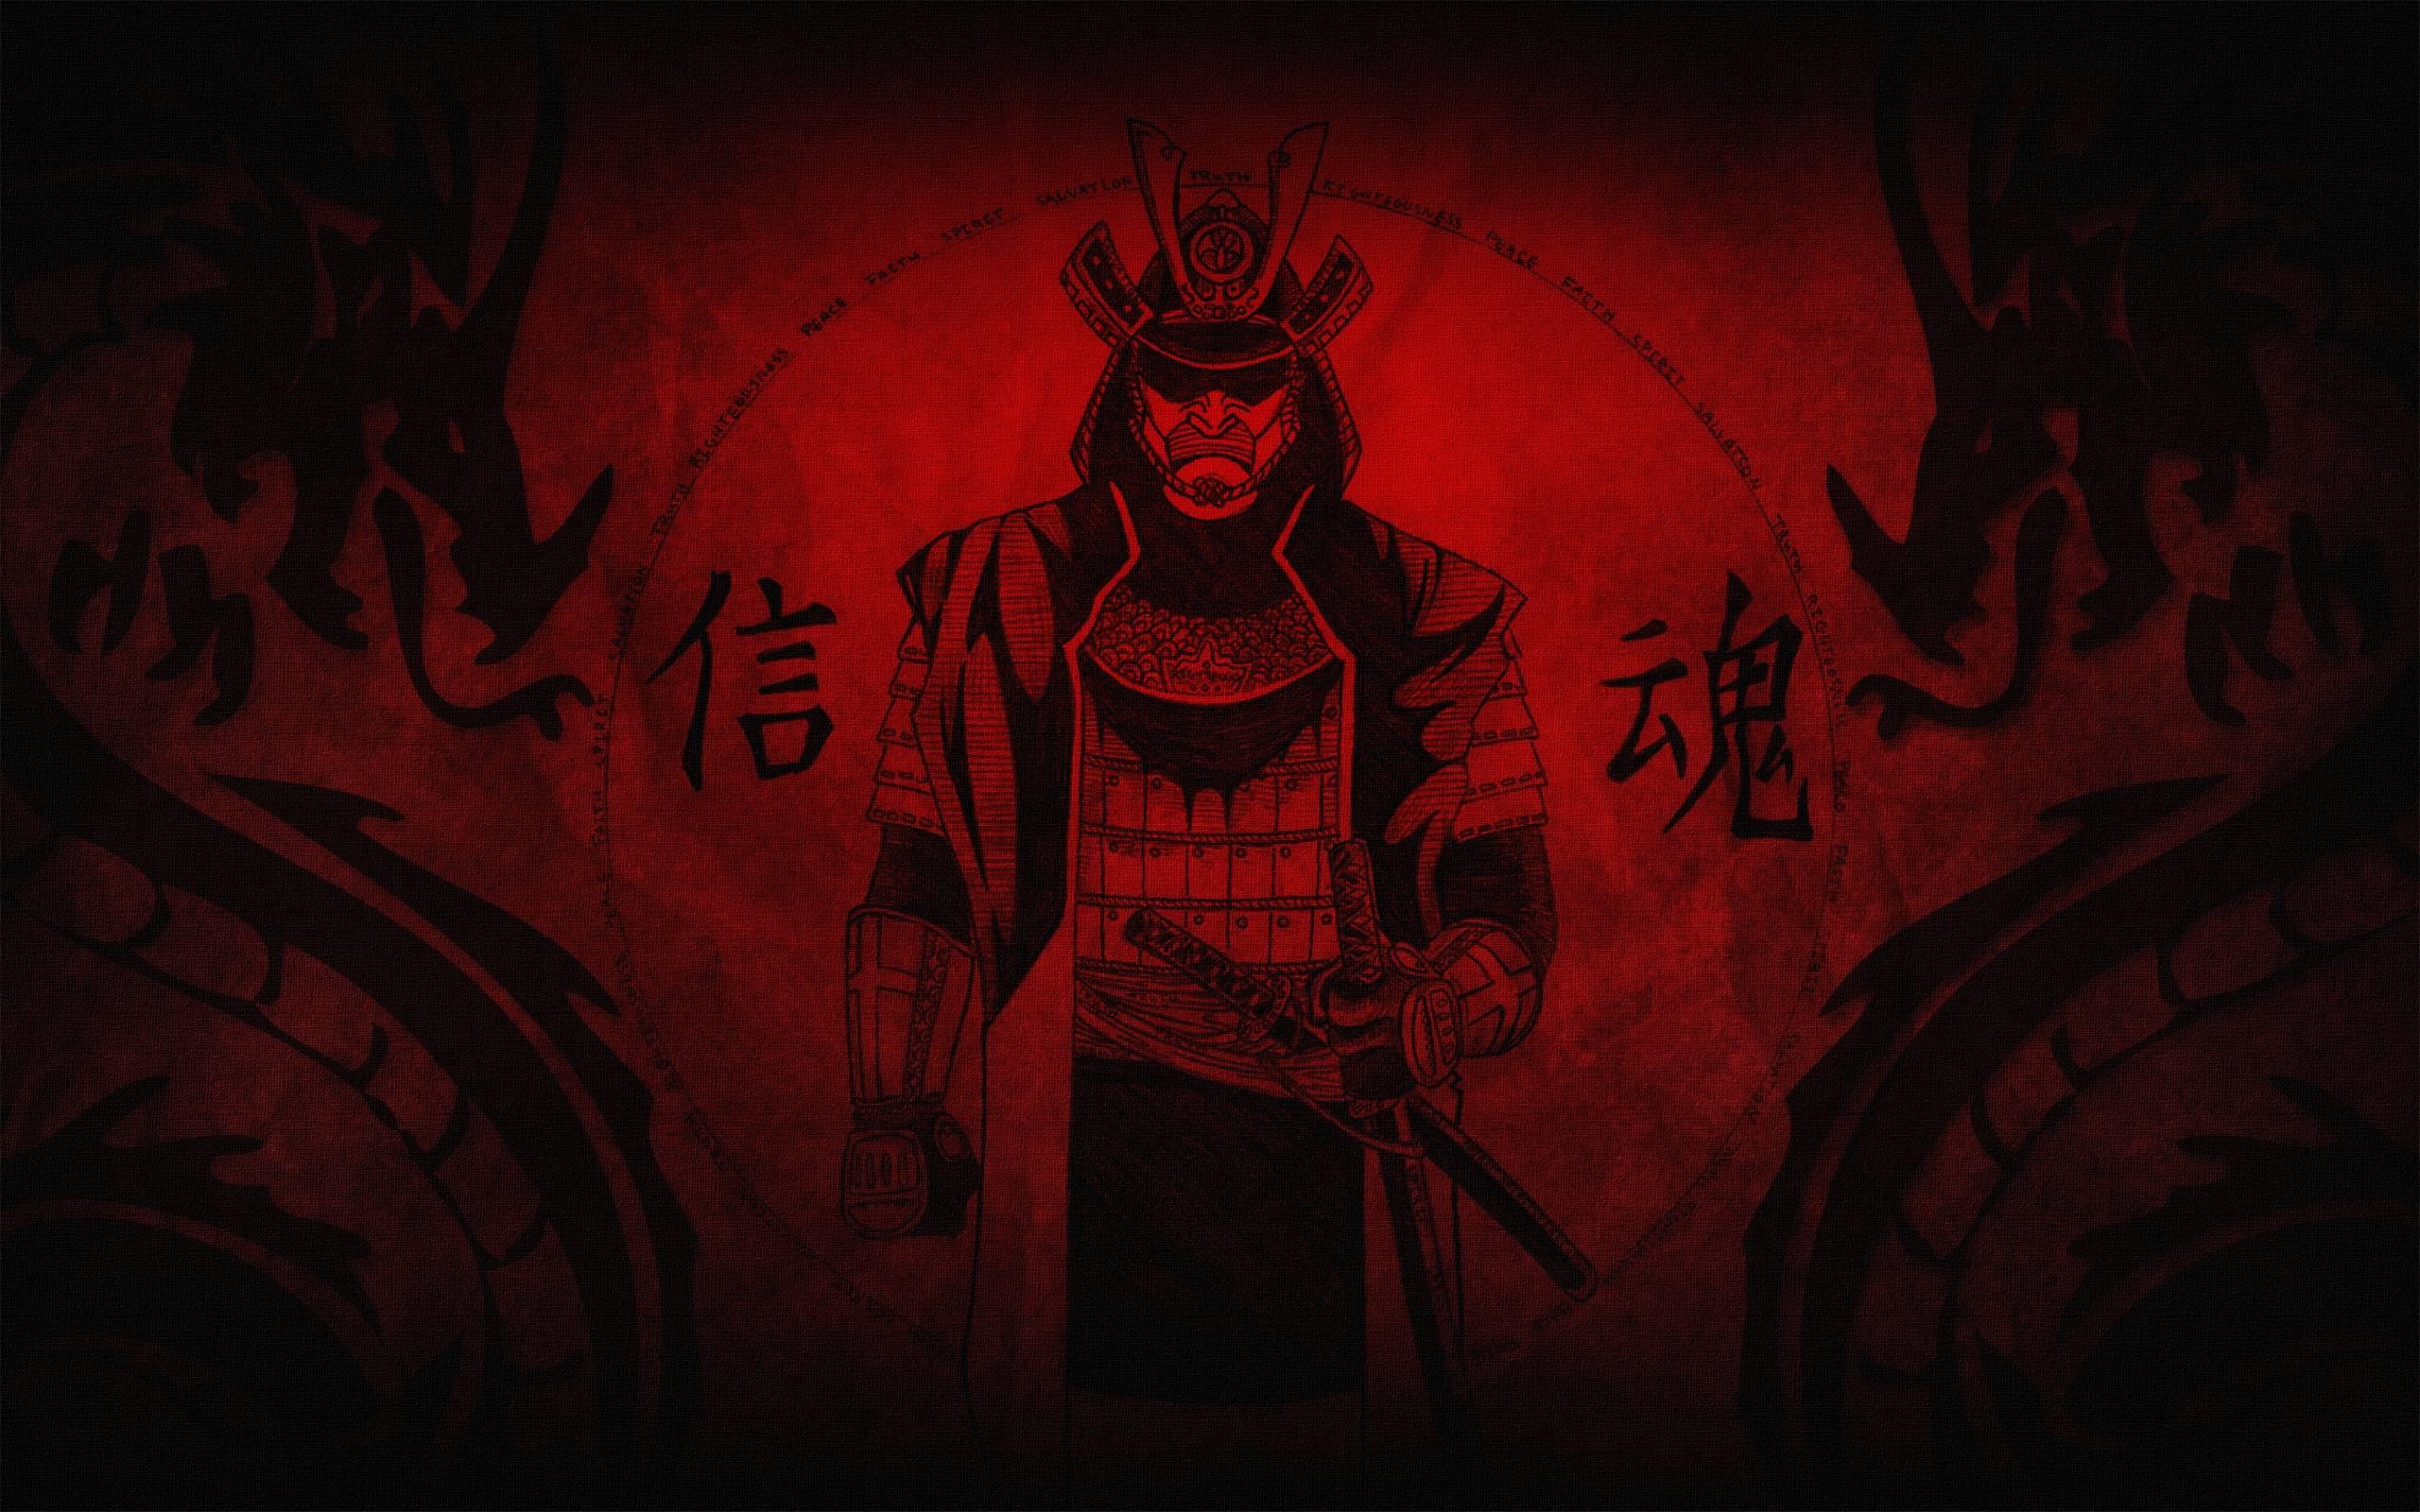 samurai wallpapers - wallpaper cave